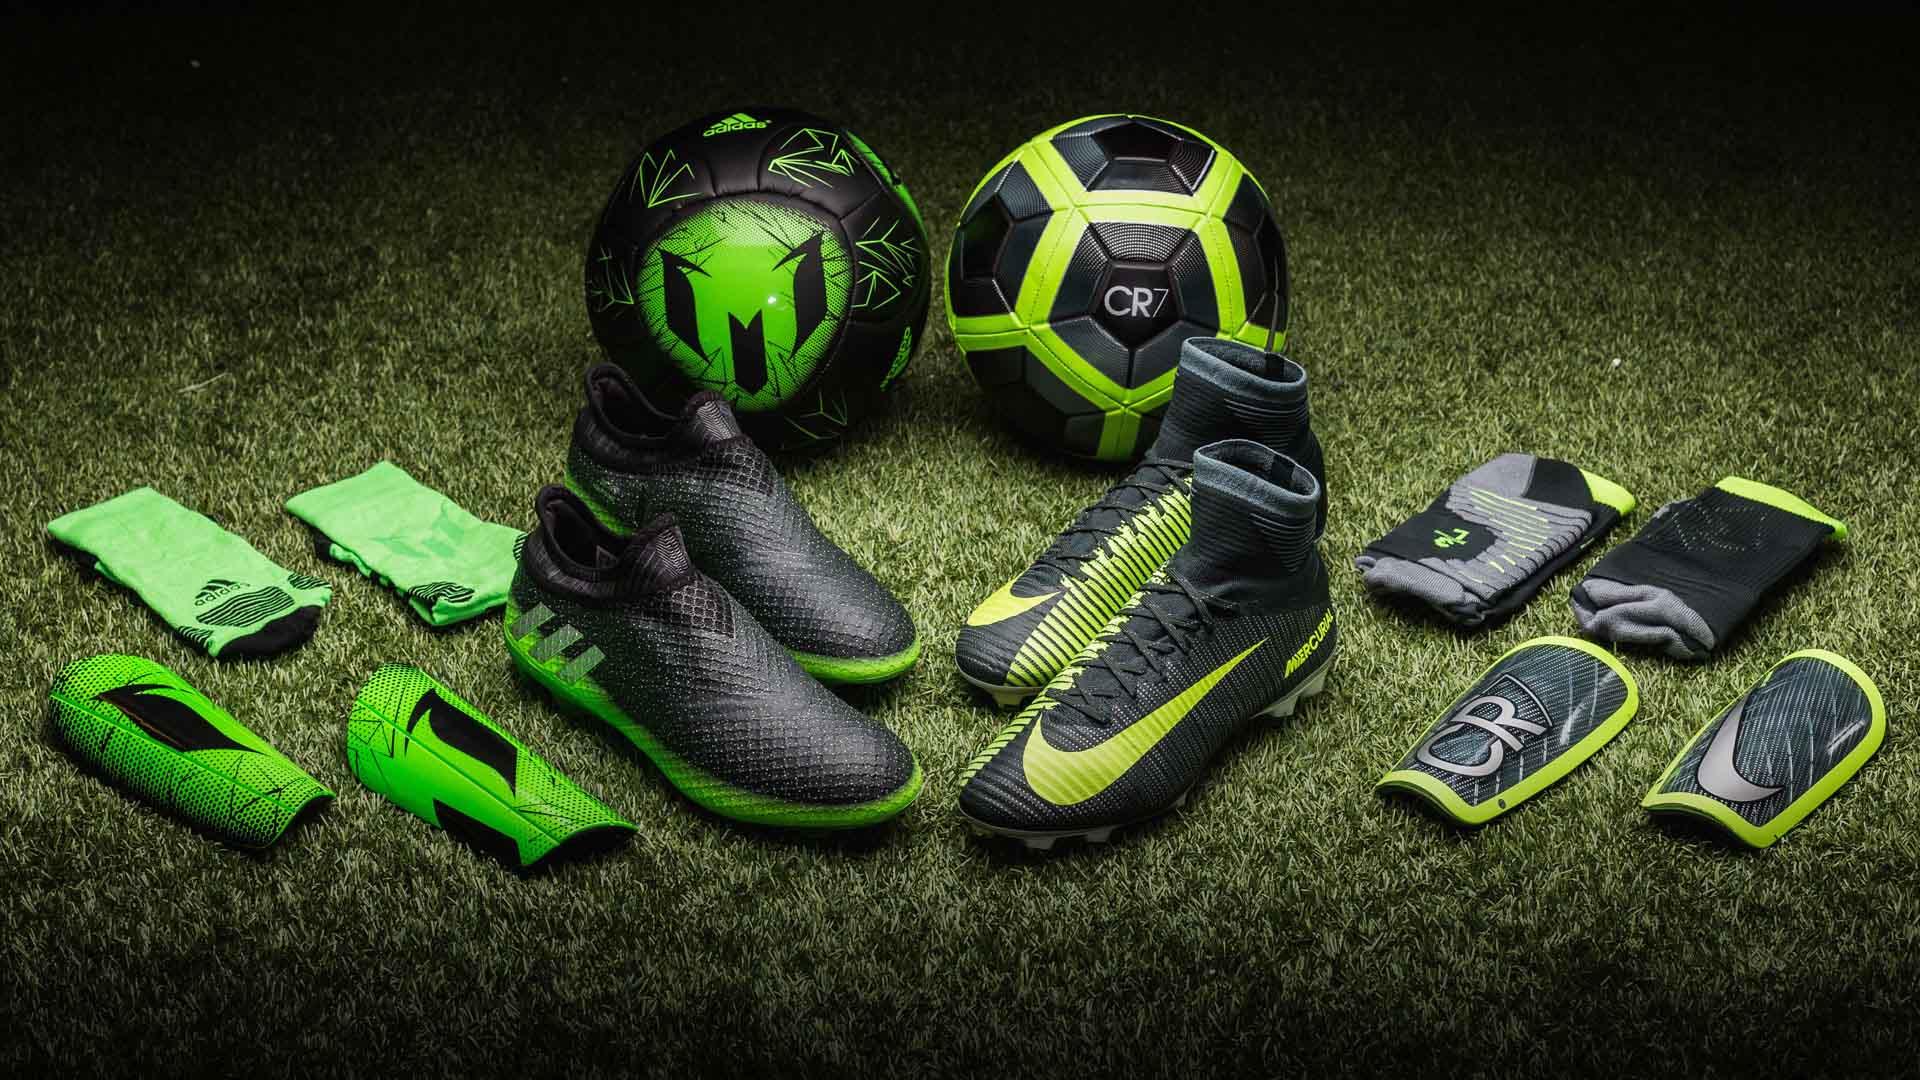 Nike và Adidas đang là 2 hãng sản xuất và phân phối giày bóng đá chuyên nghiệp lớn nhất thế giới